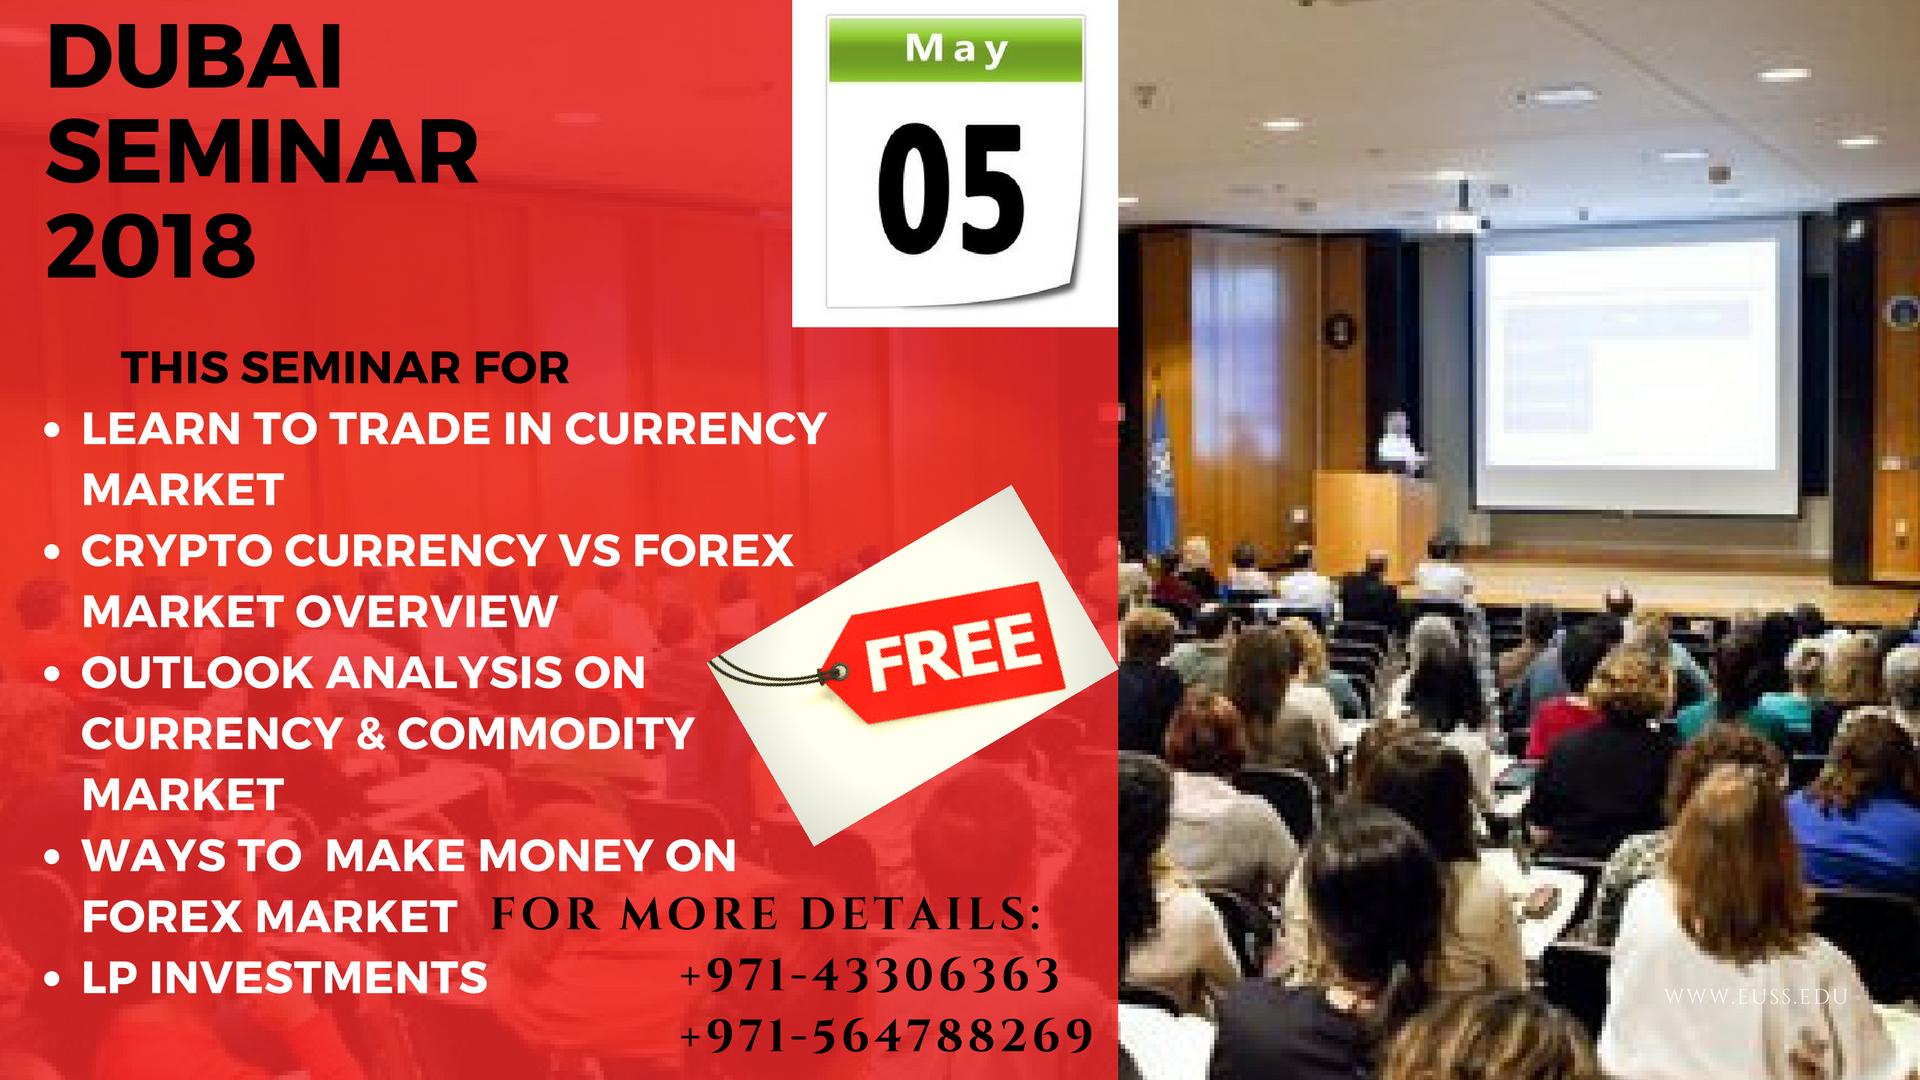 alphabetafx,ABFX,best rated forex broker,forex trading,forex